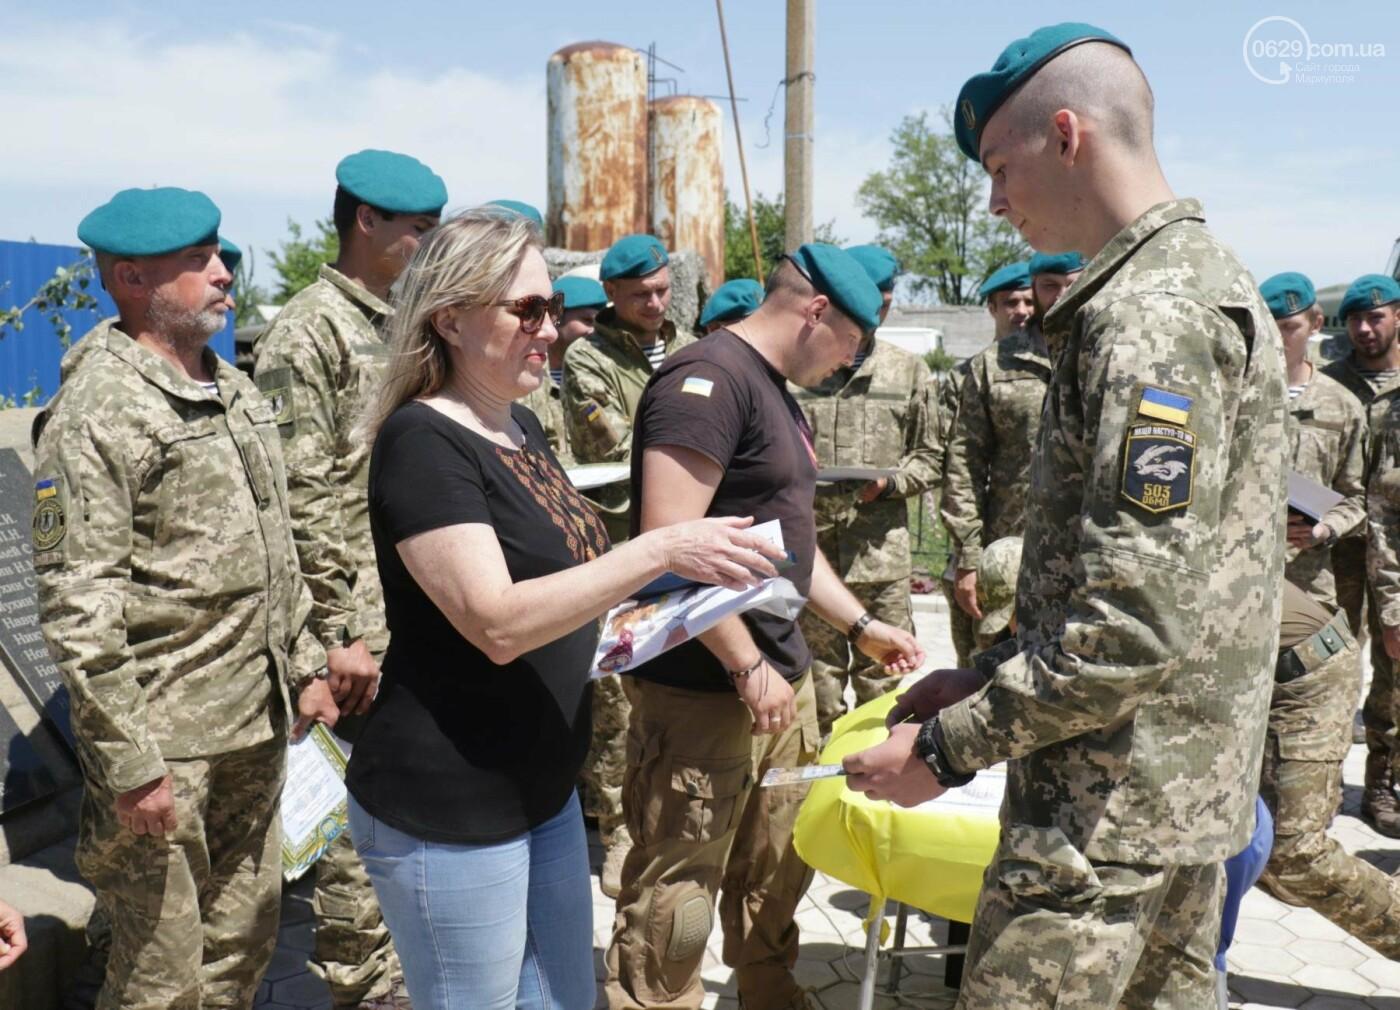 Под Мариуполем морпехи  приняли присягу и получили почетный знак от волонтеров, - ФОТО, ВИДЕО, фото-3